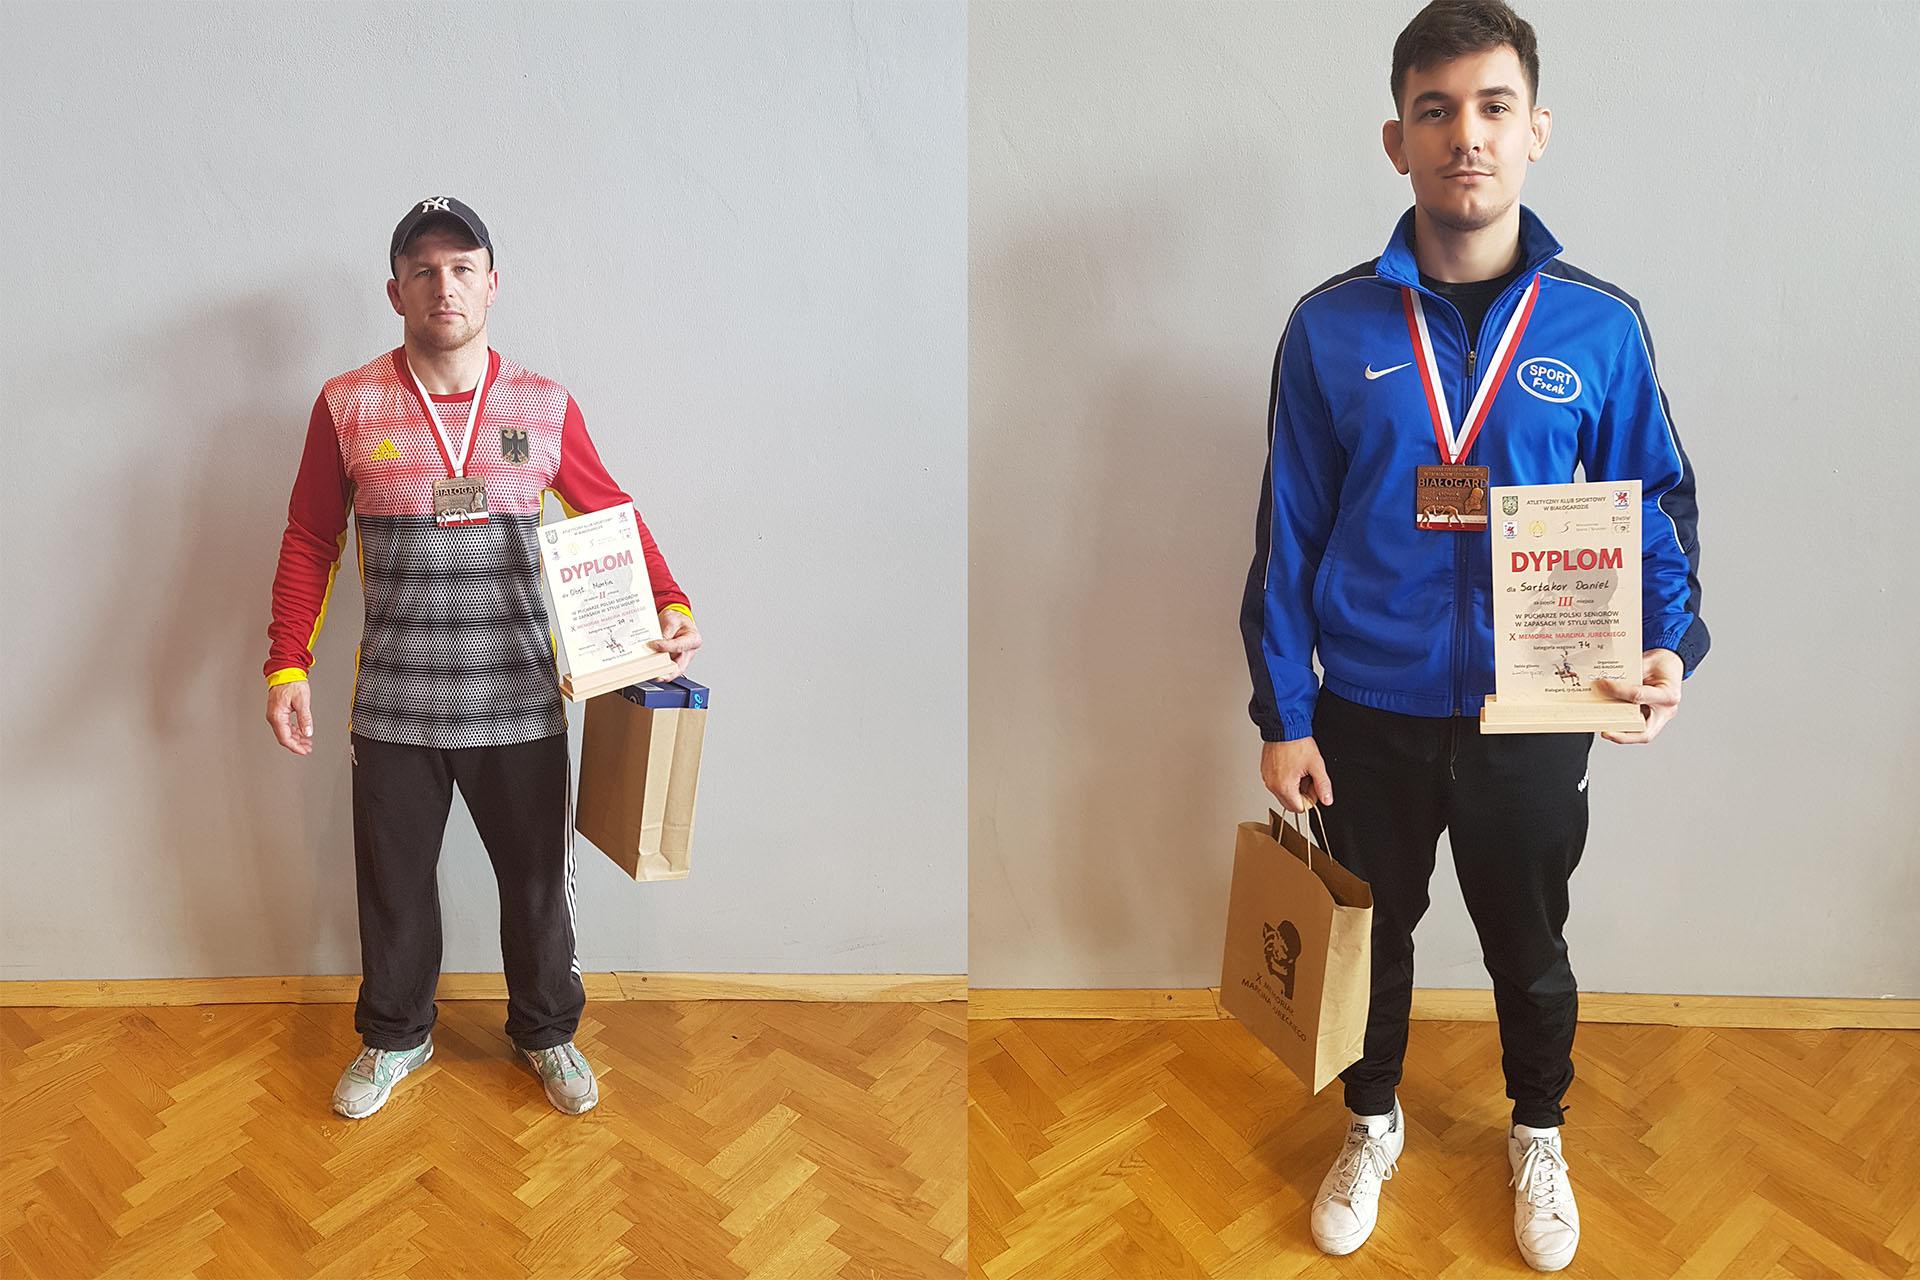 Silber für Obst und Bronze für Sartakov in Bialogard